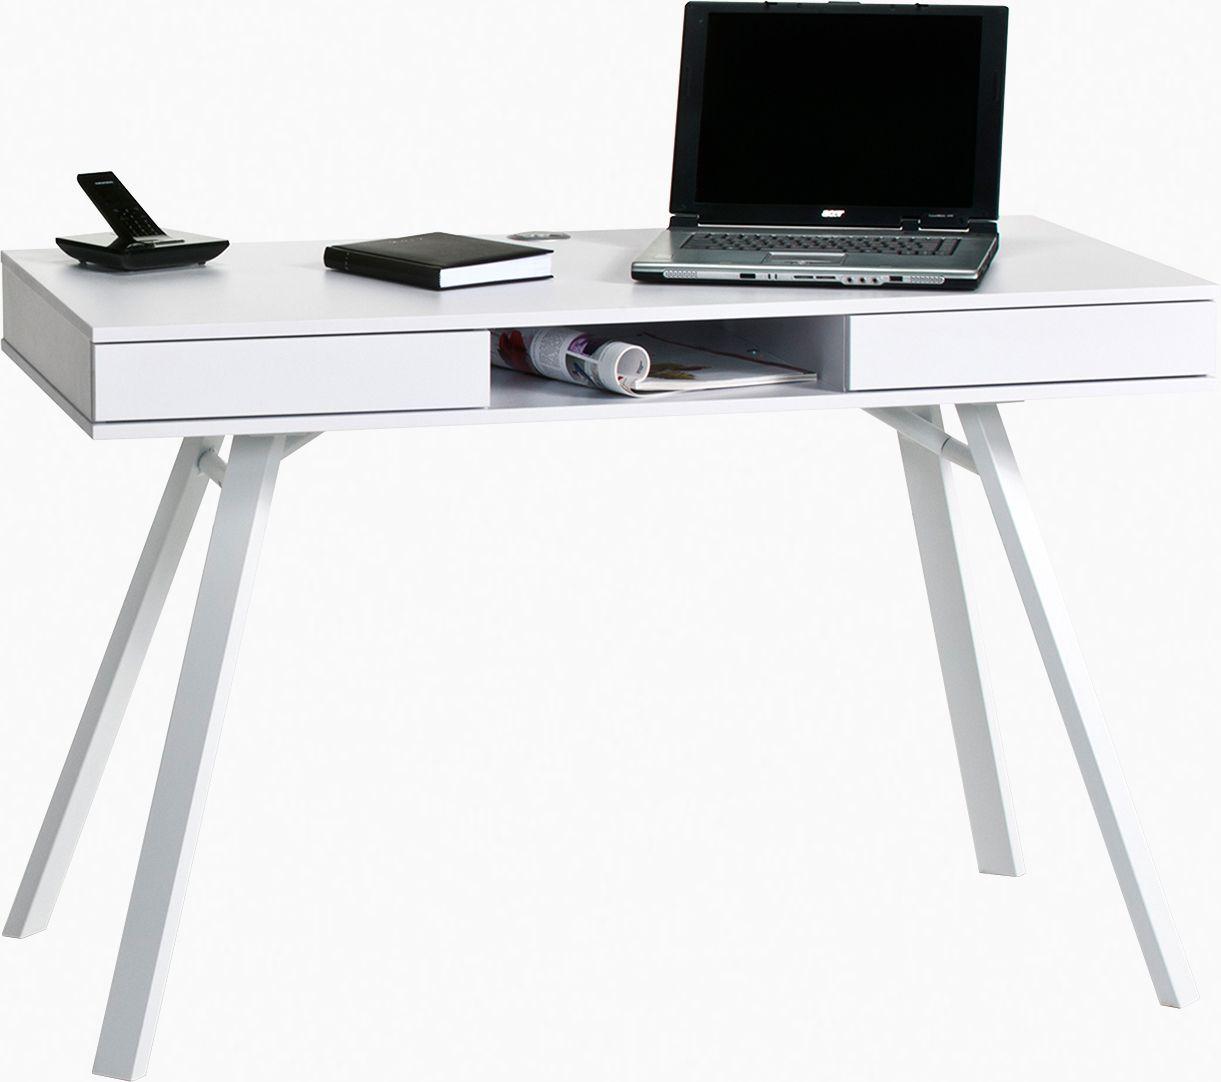 maja m bel schreibtisch g ttingen schwab versand tische. Black Bedroom Furniture Sets. Home Design Ideas